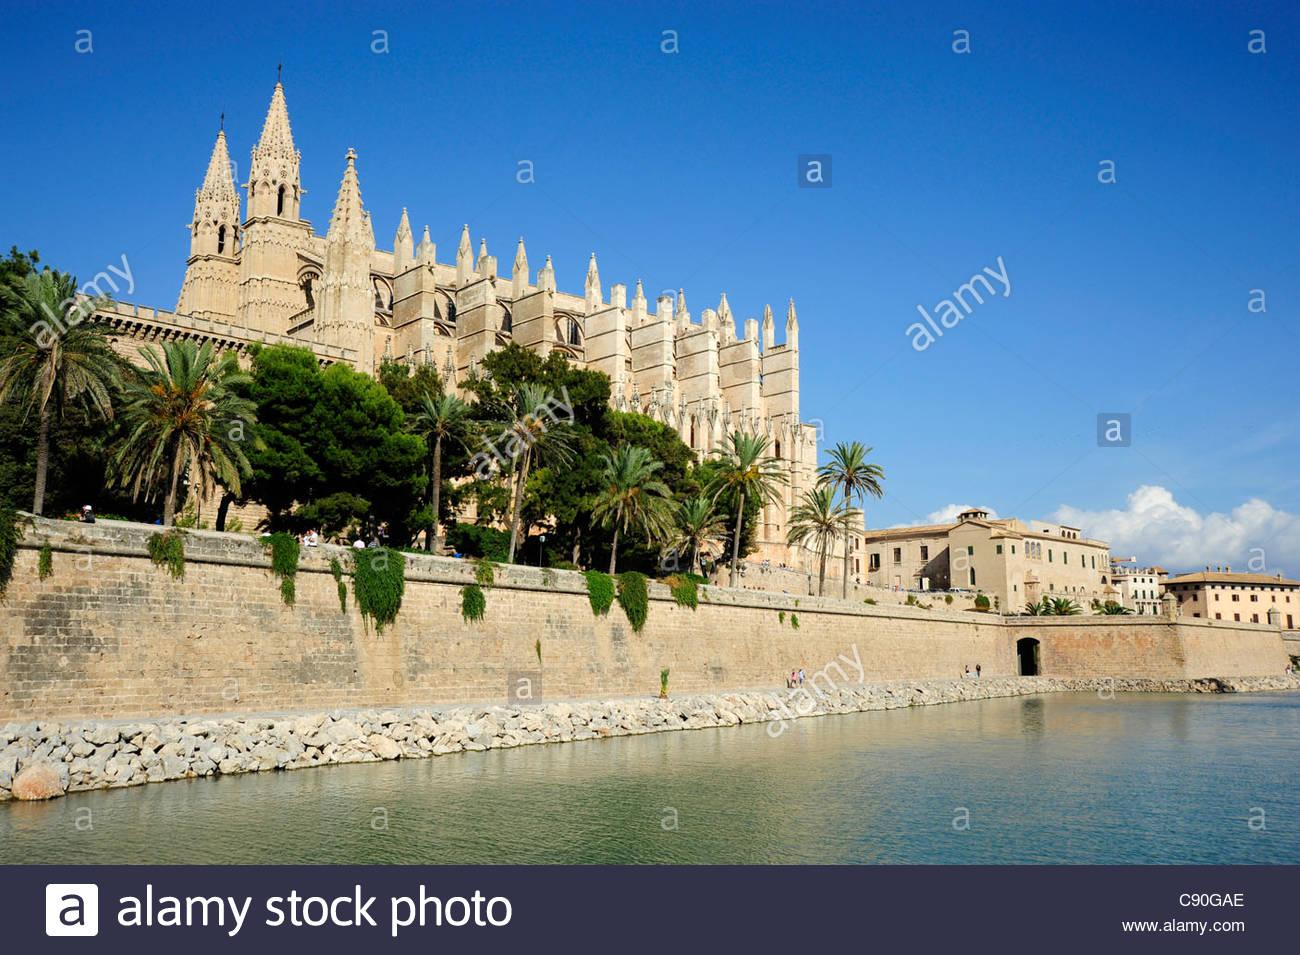 Cathedral La Seu at the Parc de la Mar, Ciutat Antiga, Palma de Mallorca, Majorca, Balearic Islands, Mediterranean, - Stock Image